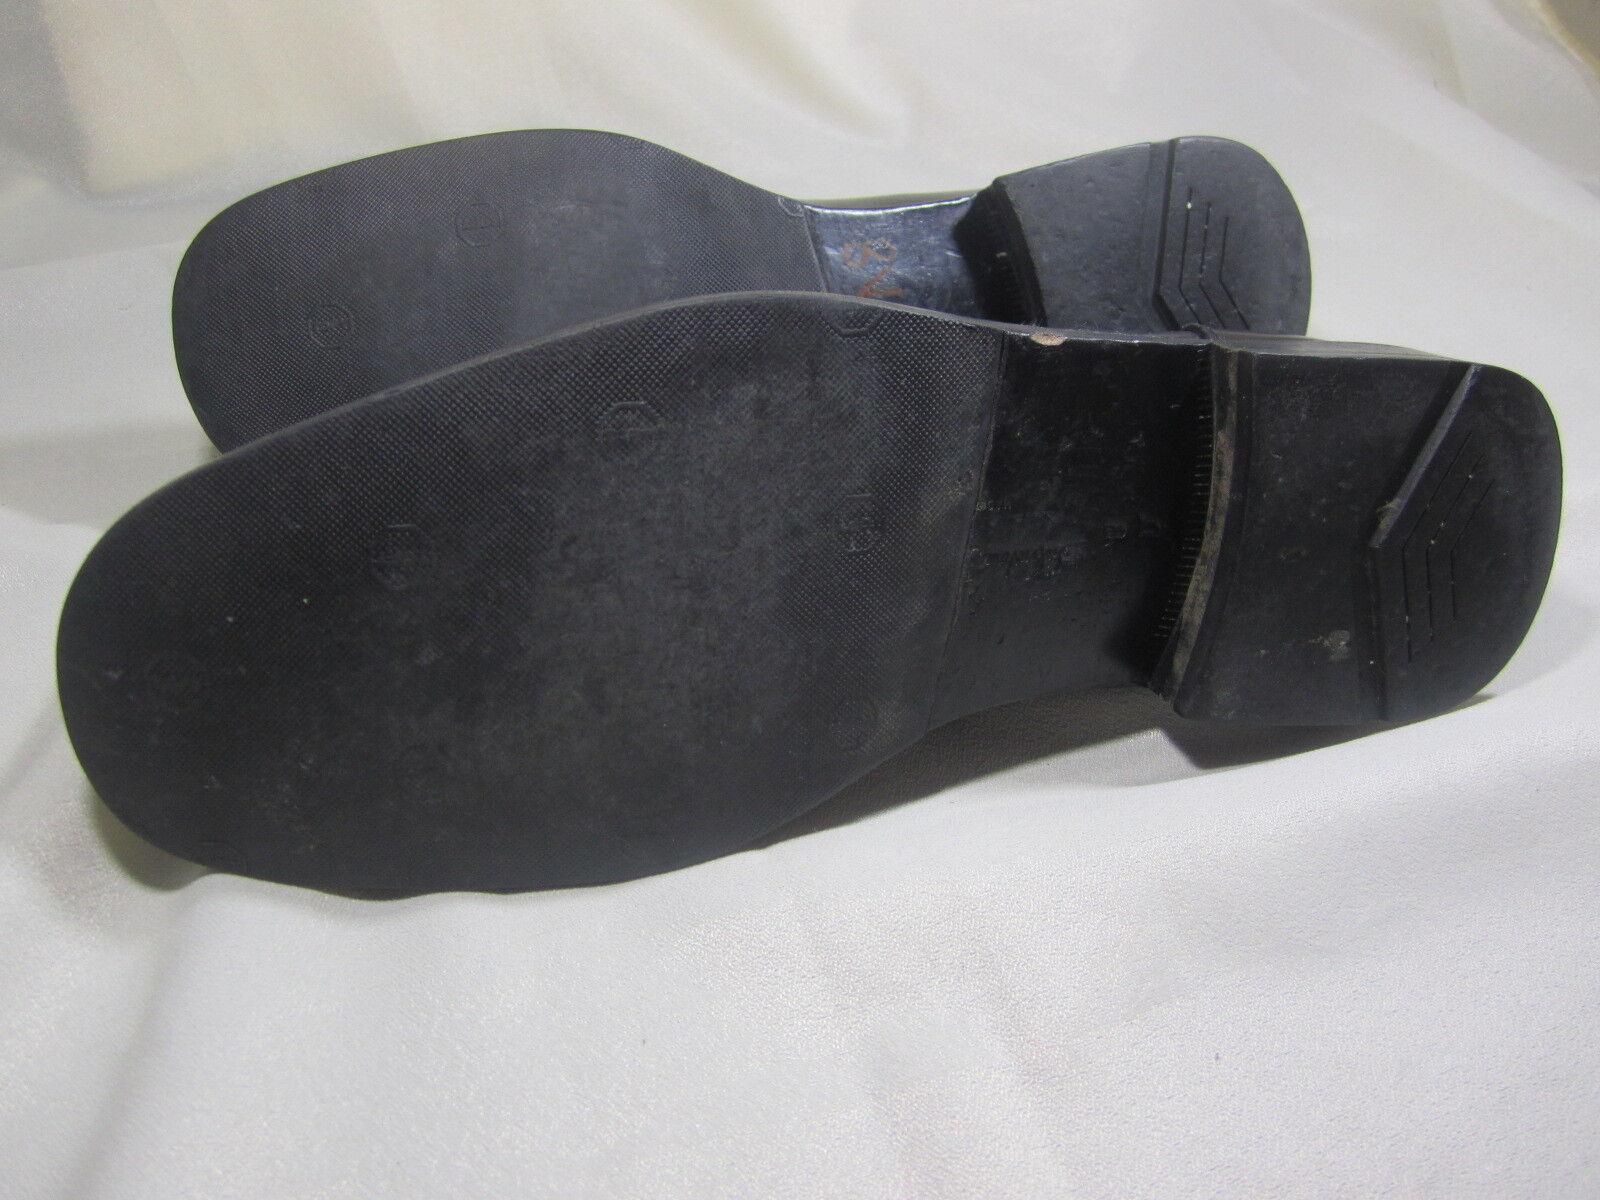 SALVATORE FERRAGAMO schwarz STUDIO GUN METAL BIT schwarz FERRAGAMO LEATHER DRESS schuhe LOAFERS SZ 8D 8ec2fc